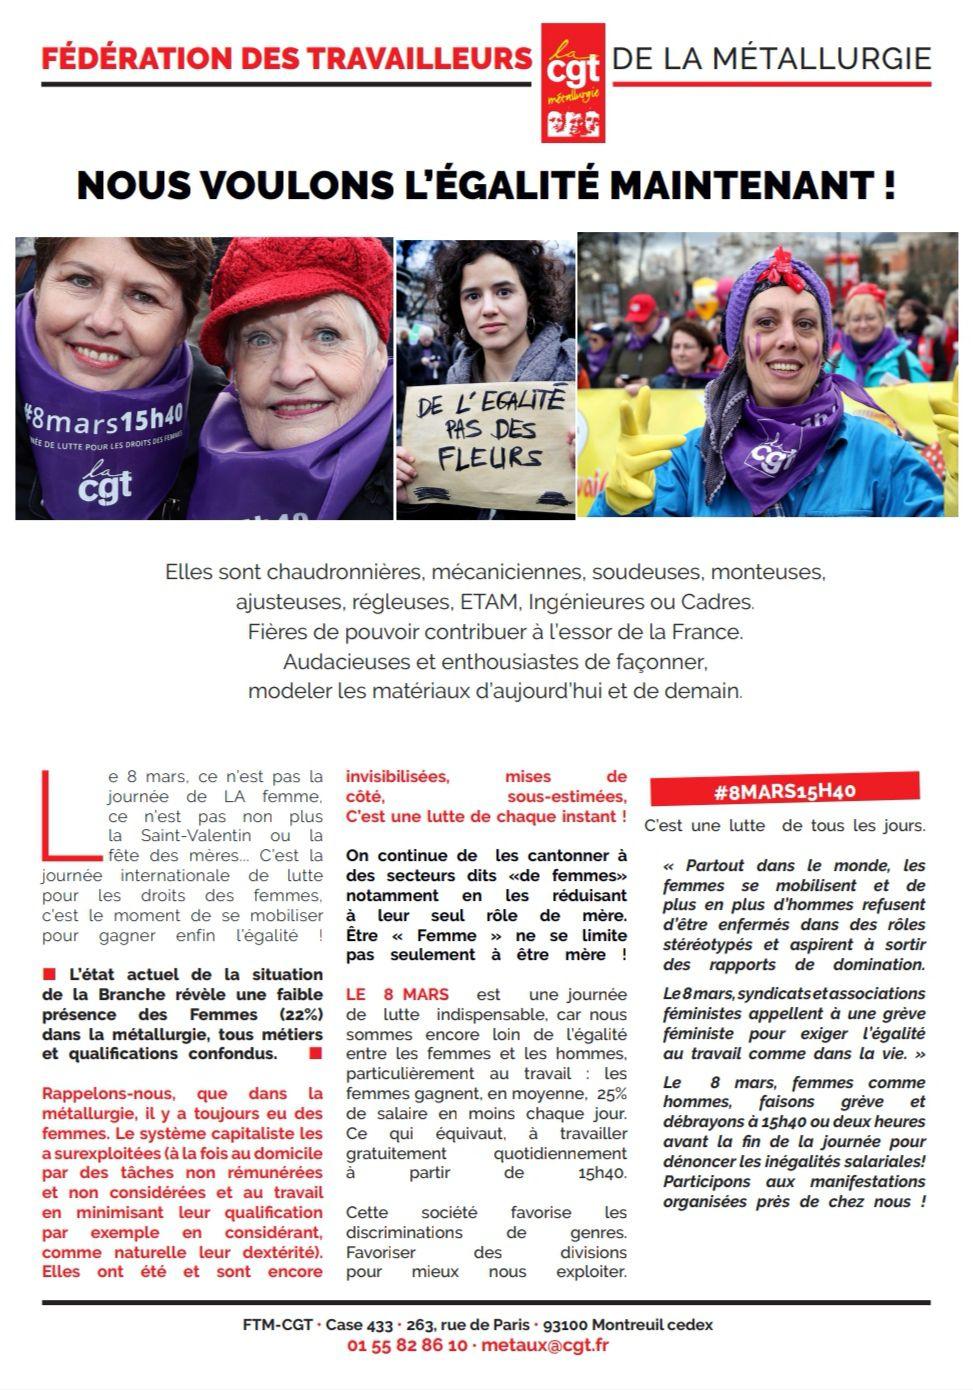 8 mars 2021 - Journée internationale de lutte pour le droit des femmes